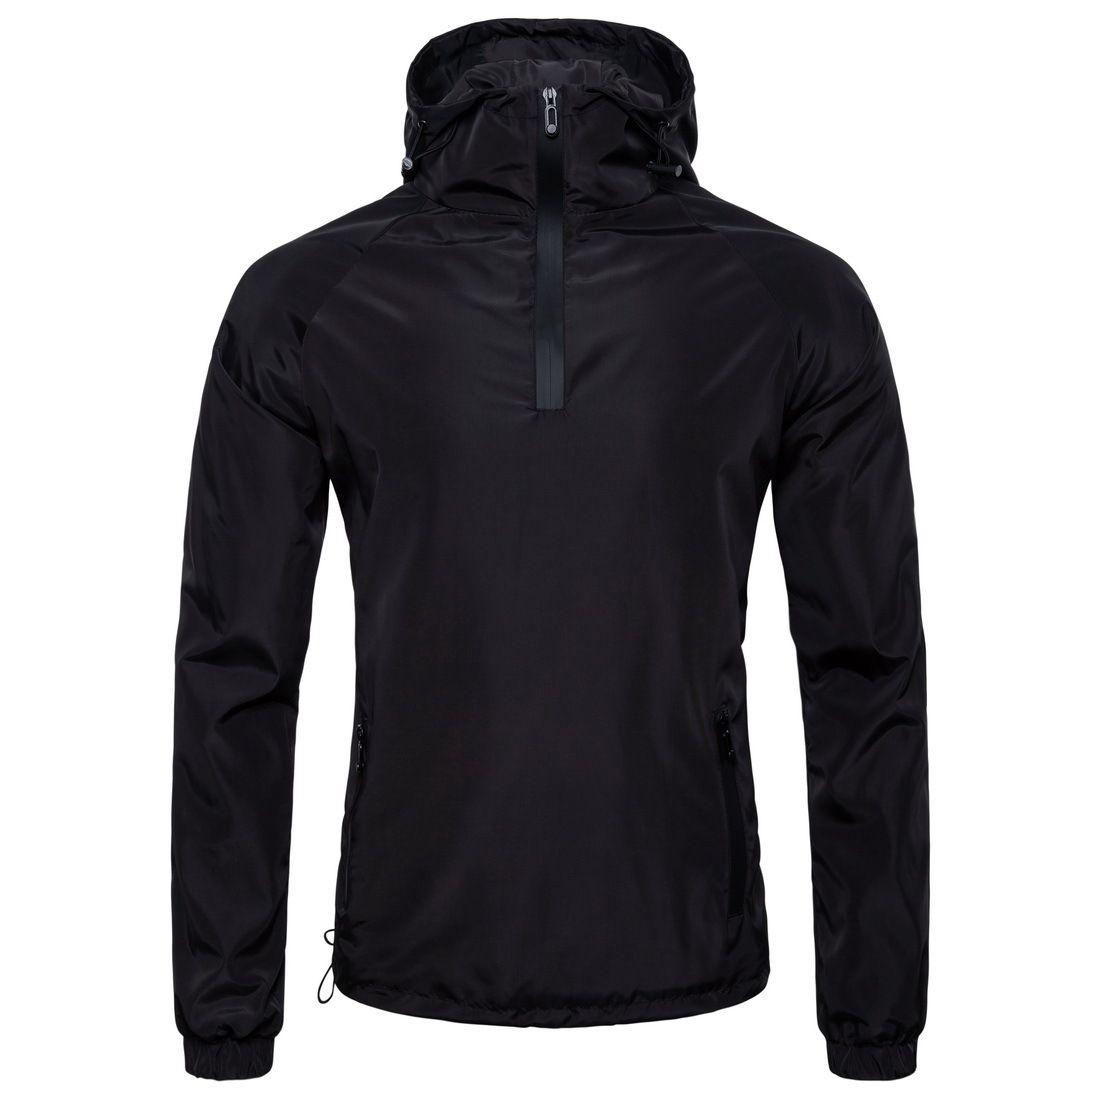 Kapşonlu Erkekler Palto Ceket Kış Erkek Siyah Katı Ceket Coat Yaka Artı boyutu eskitmek için Mens J180802 Standı hırka